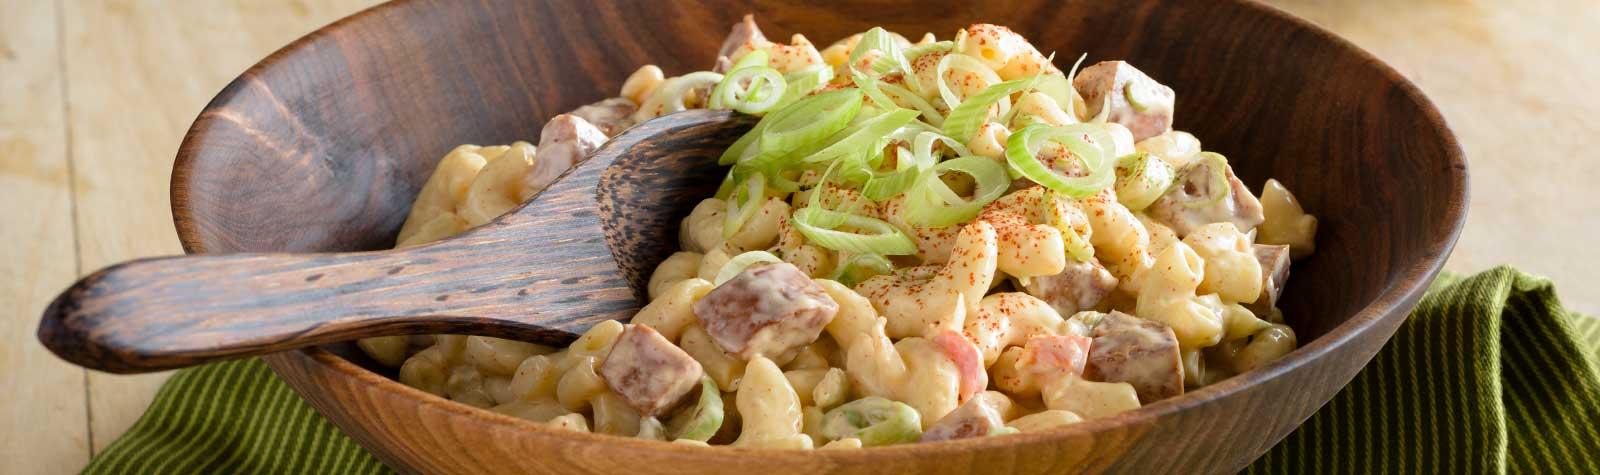 Cajun Mac Salad